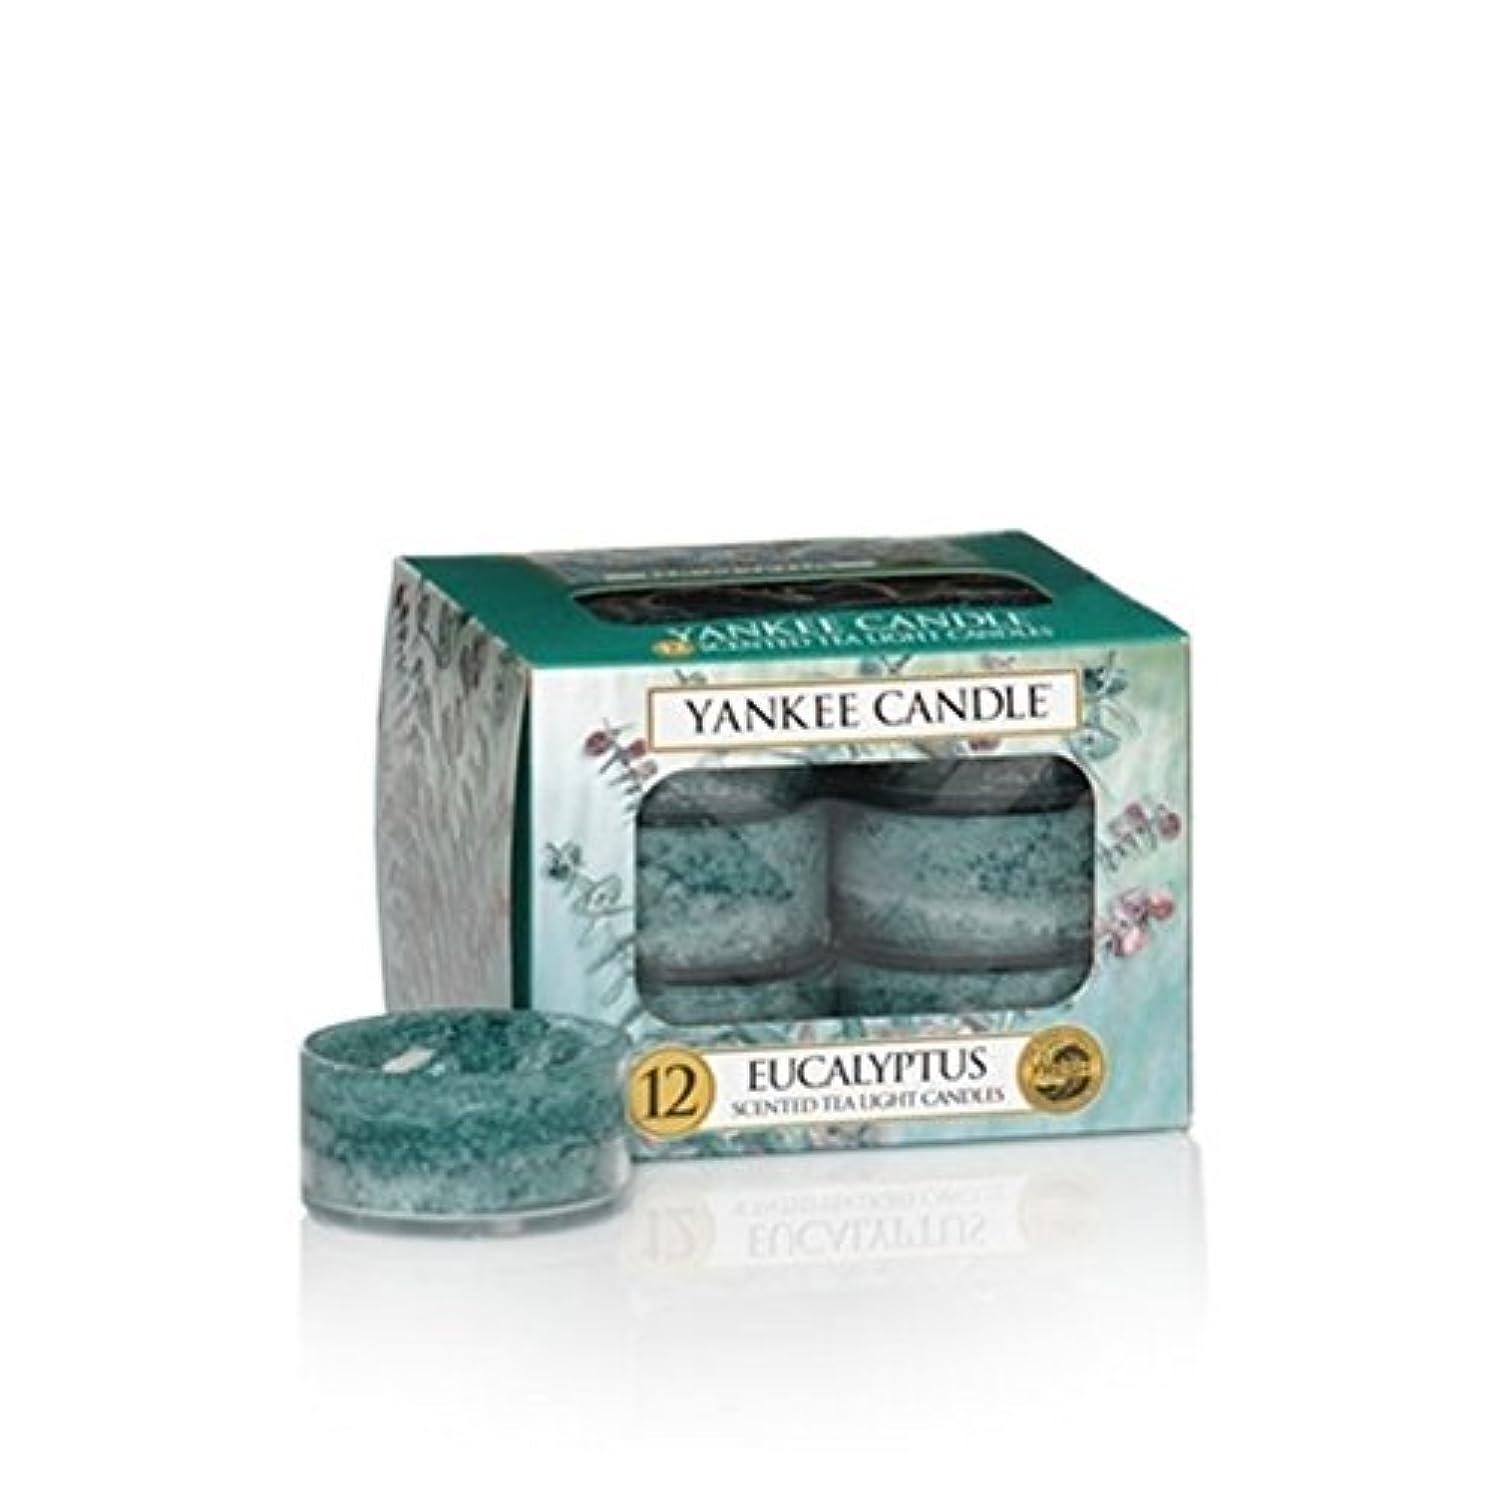 コレクション愛されし者電信Yankee Candleユーカリ、新鮮な香り Scented Tea Lights グリーン 1185974